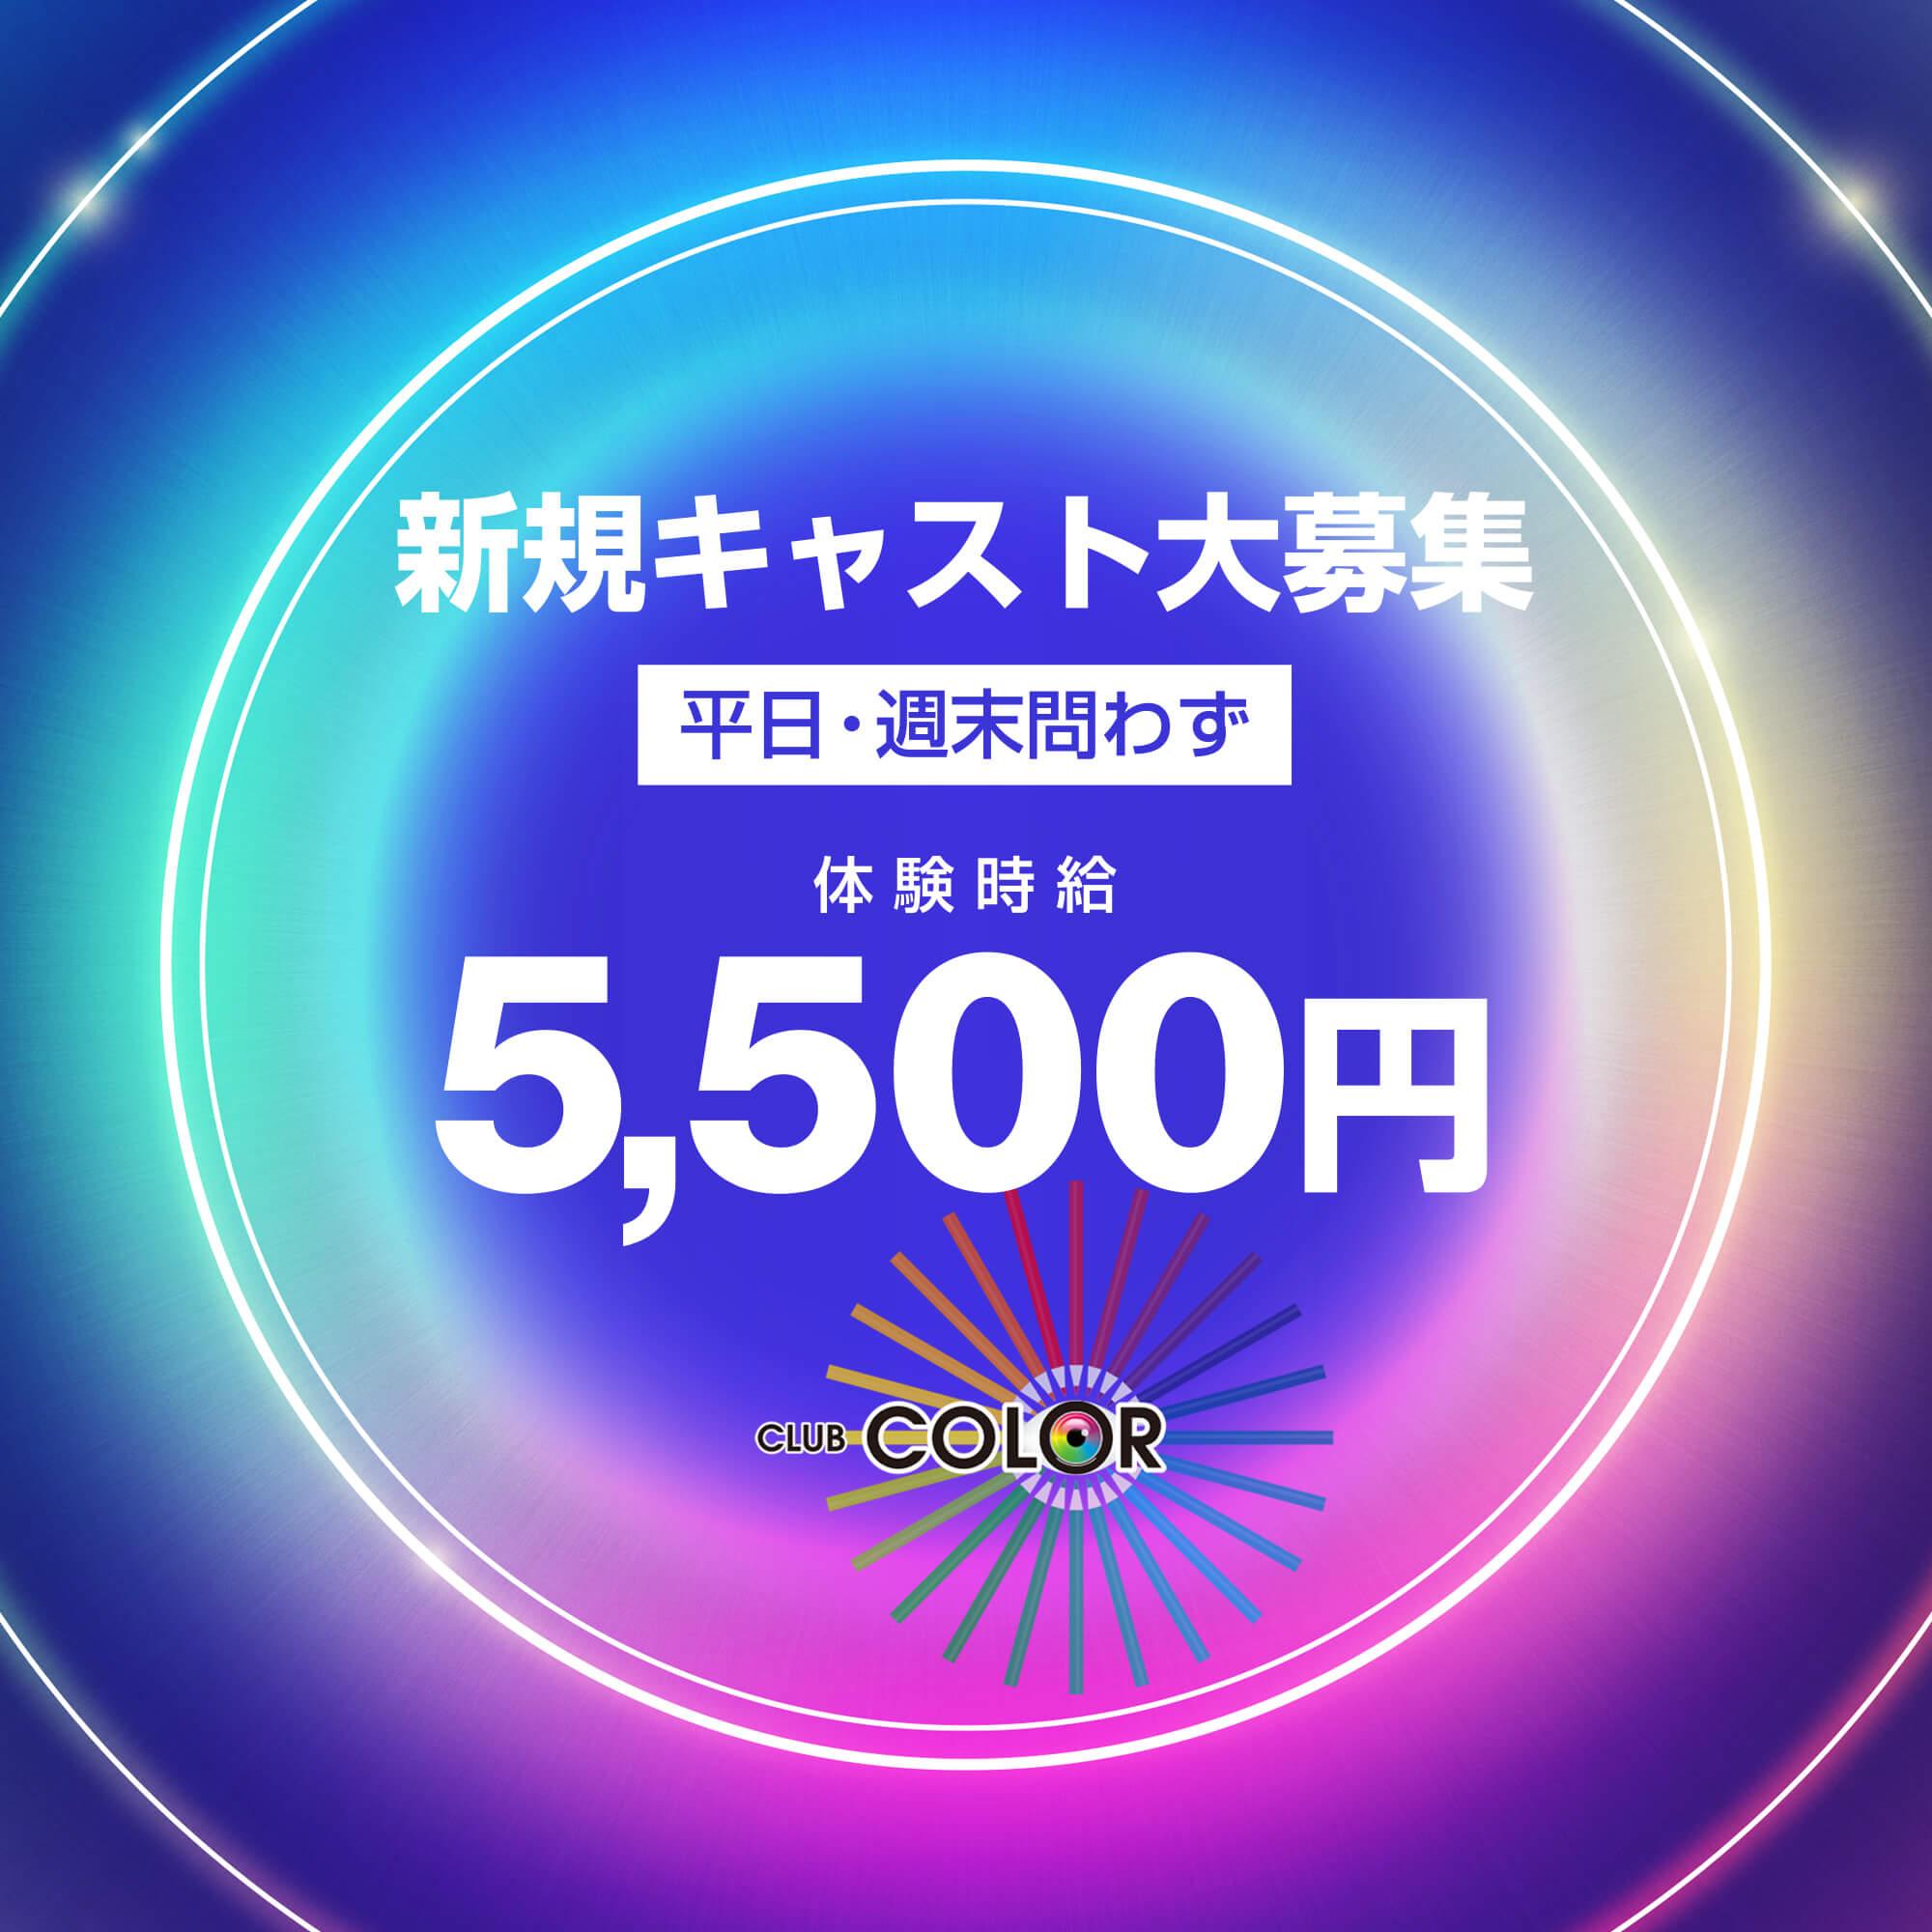 高崎キャバクラ「CLUB COLOR」ショップニュース